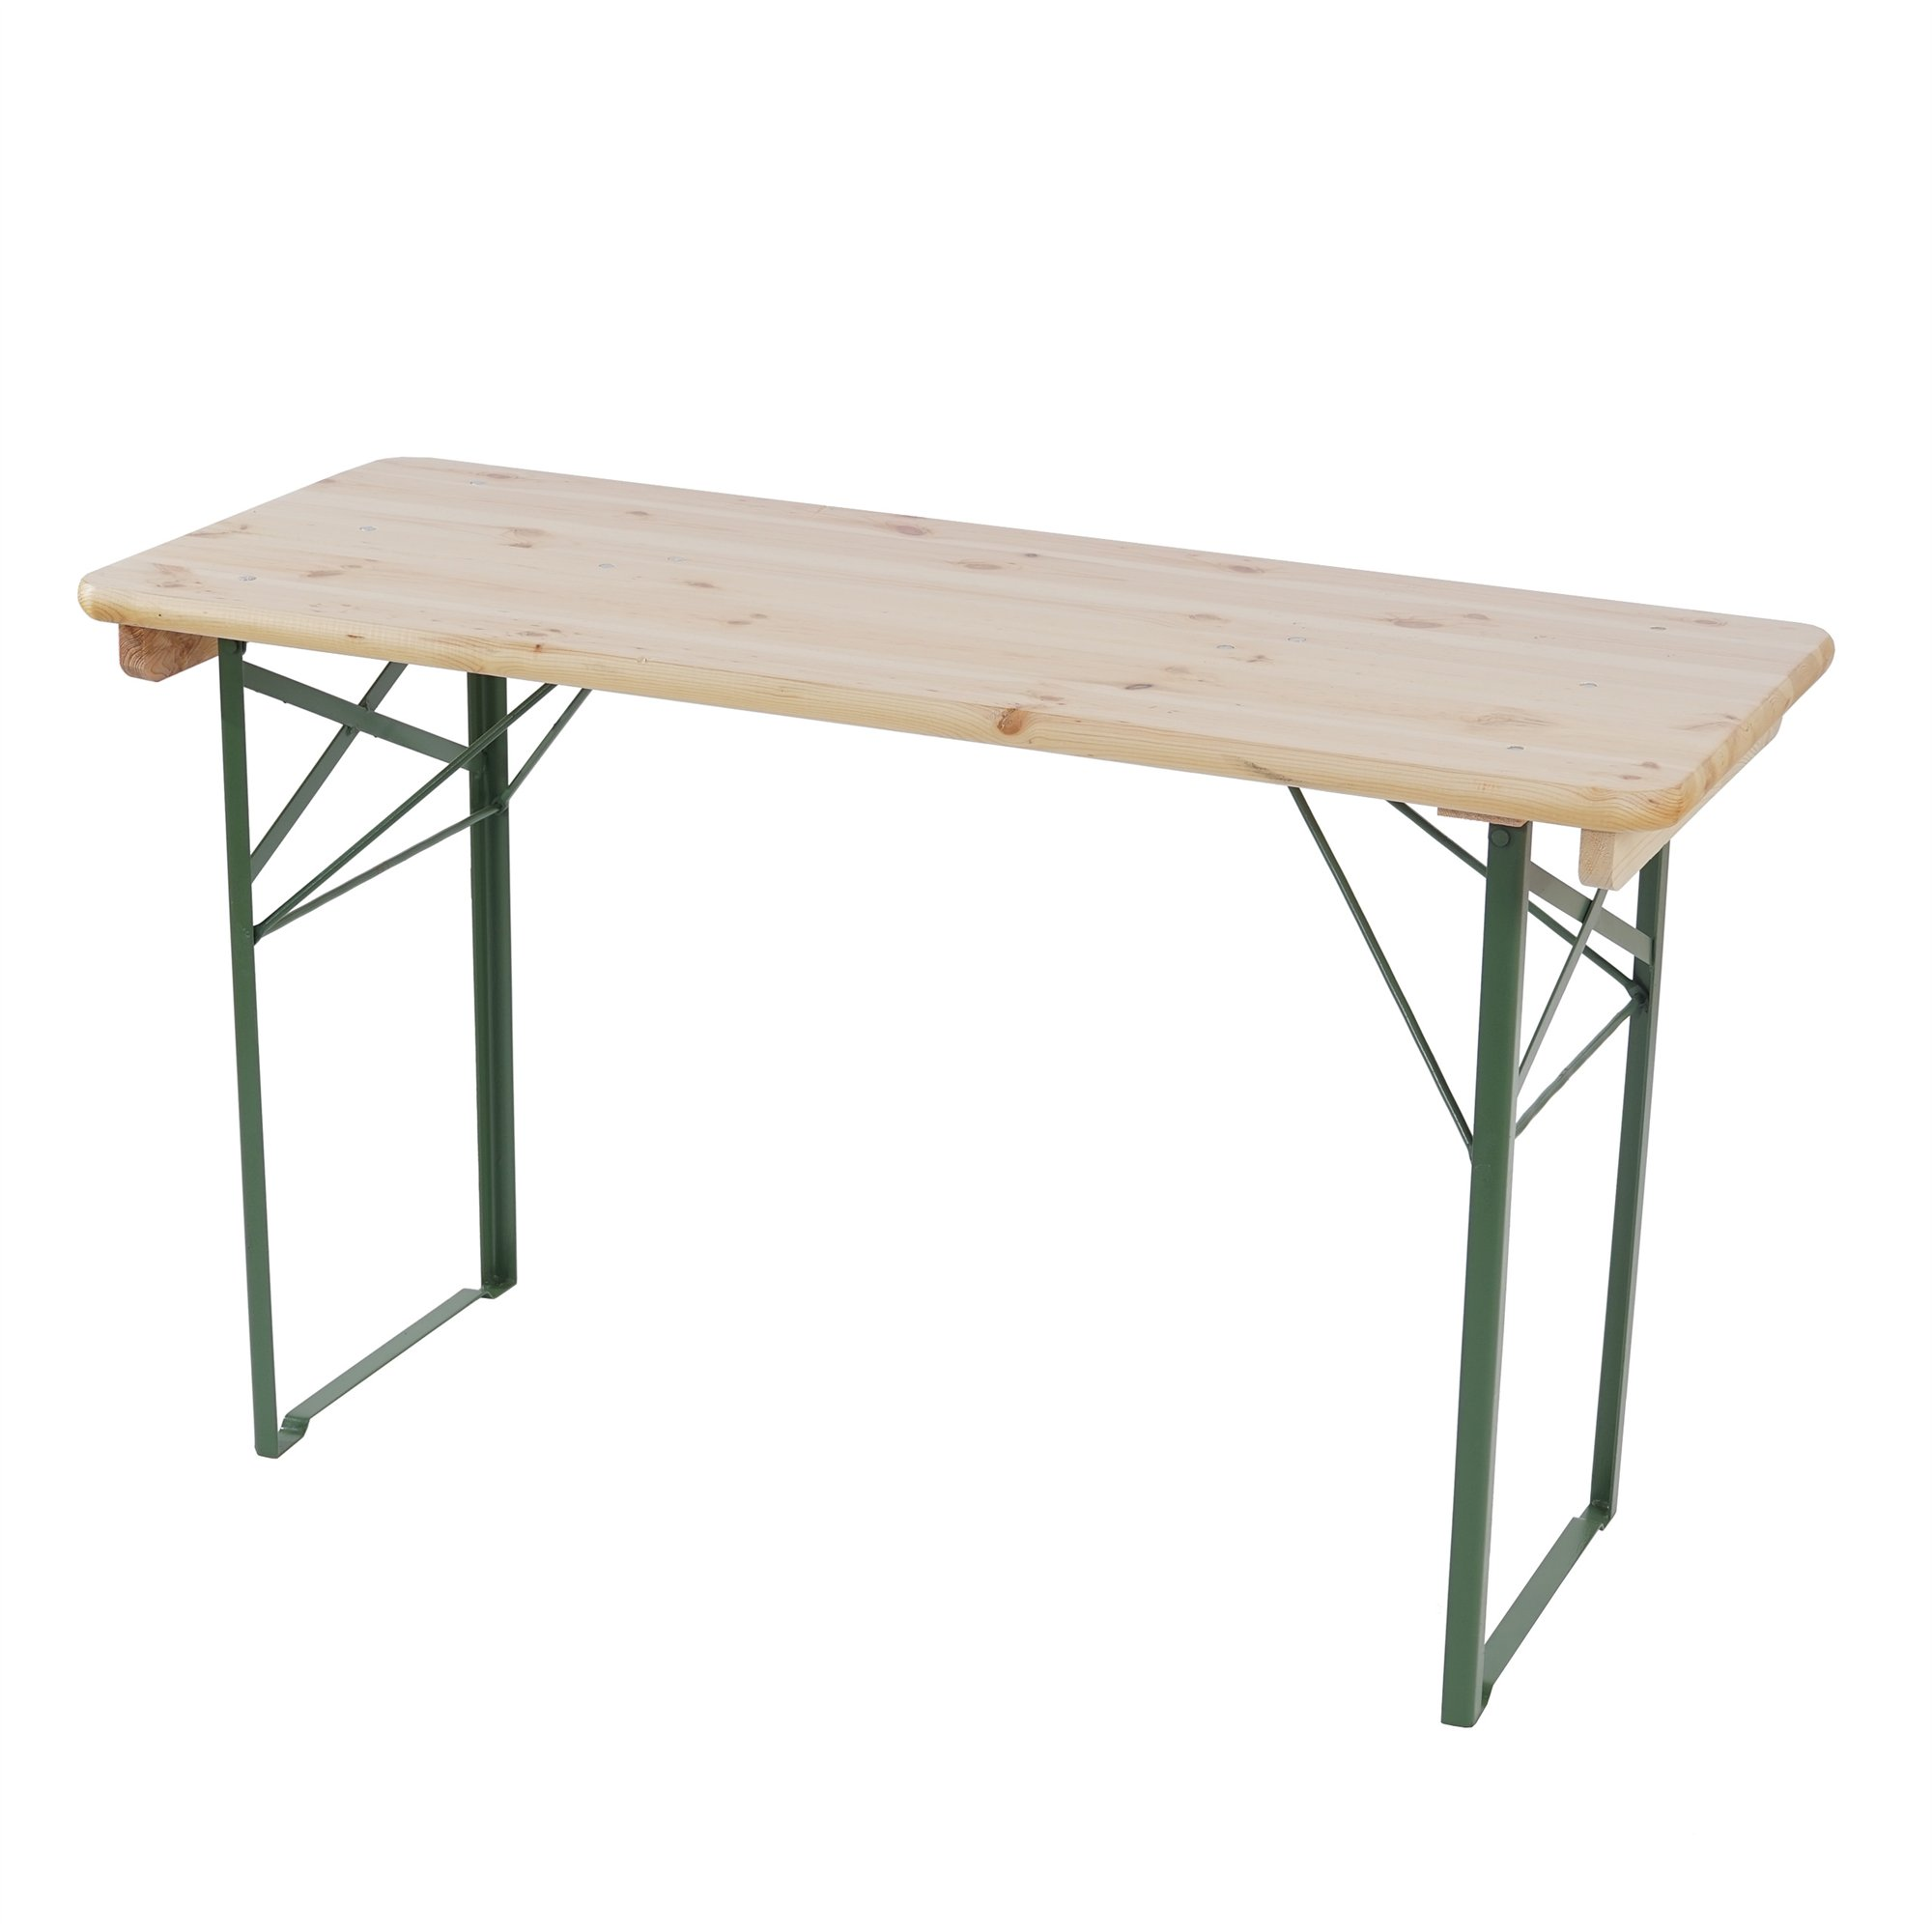 Mesa para jard n en madera berna plegable mesa para - Mesa de madera para jardin ...